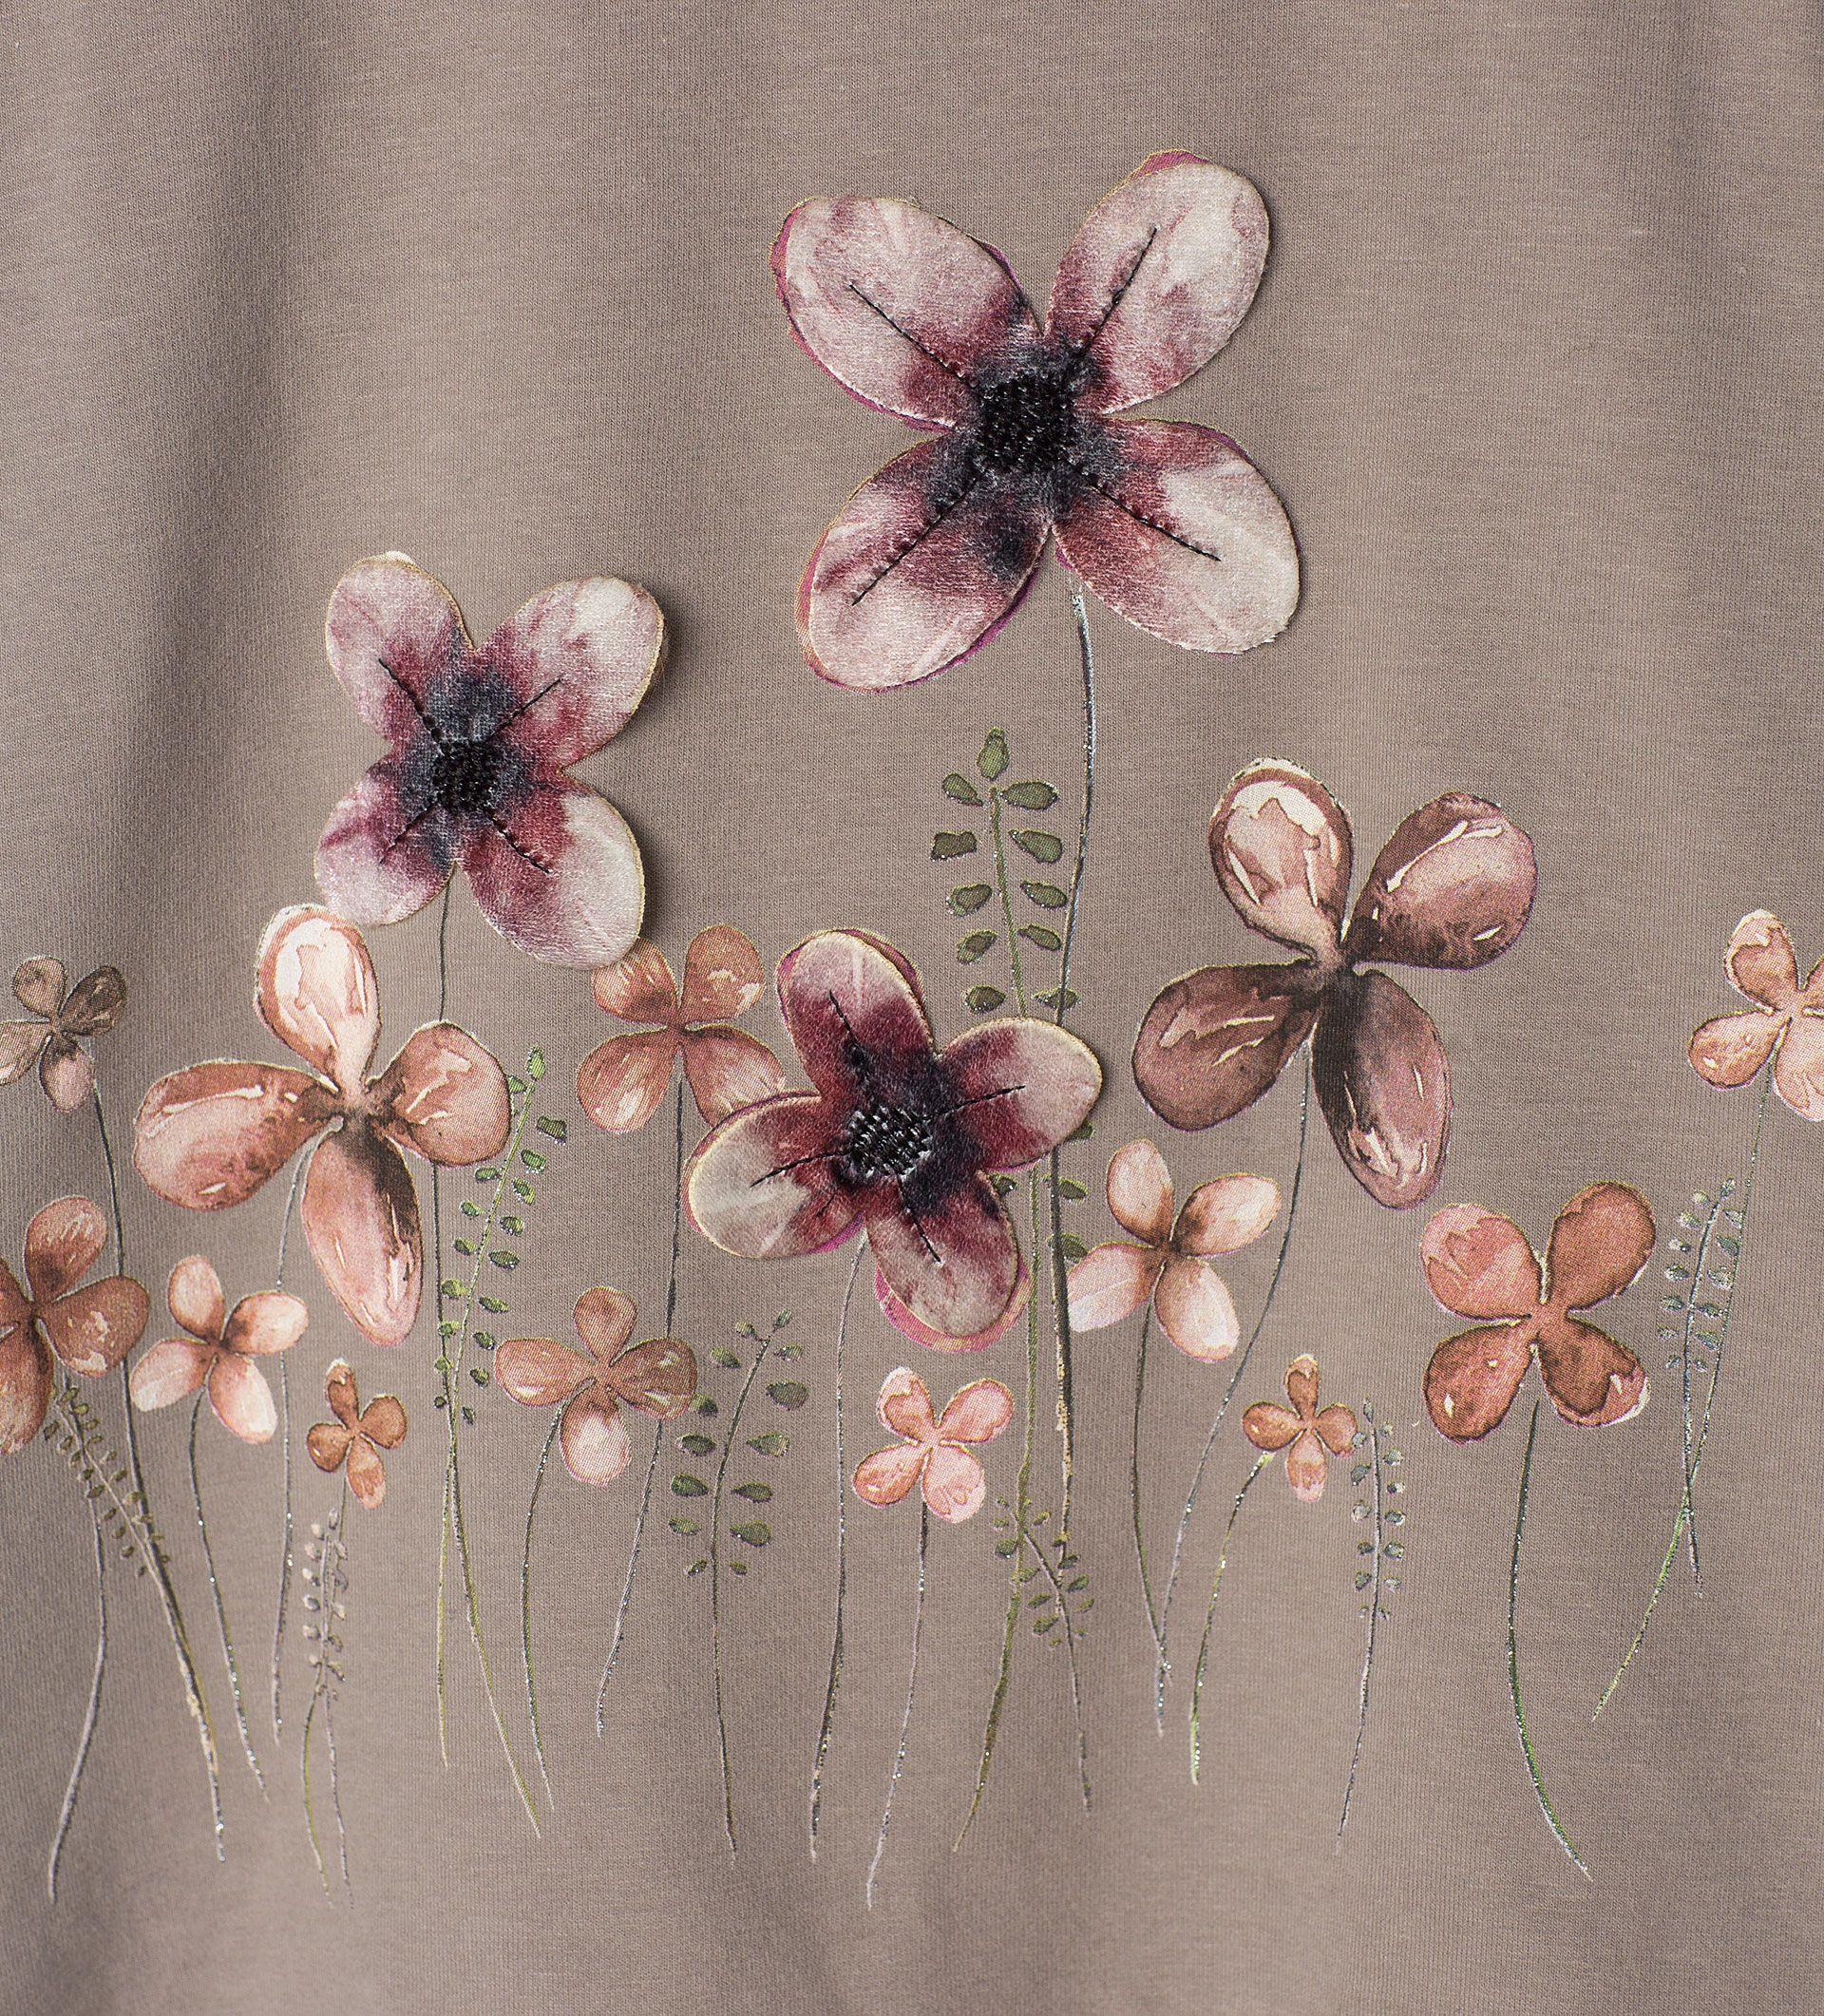 Velours - T - Shirt mit Blumen - Alles sehen - T - Shirts - Mädchen ...